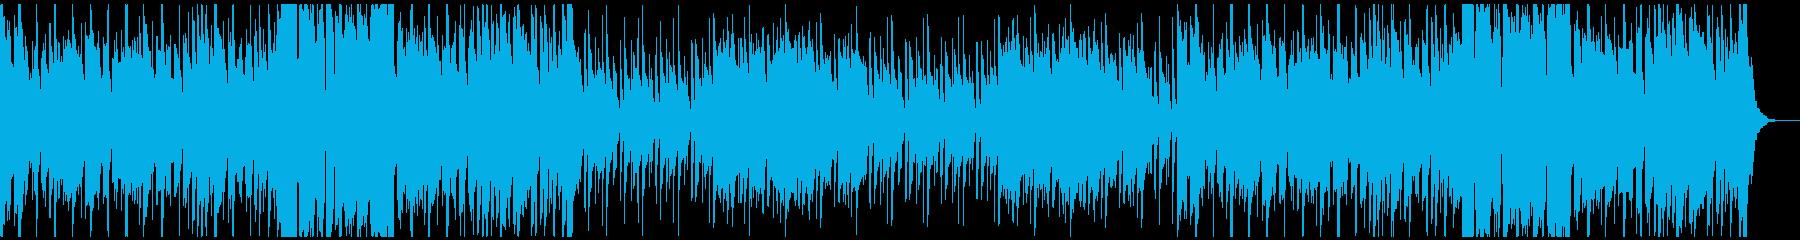 アラビア風のBGMの再生済みの波形